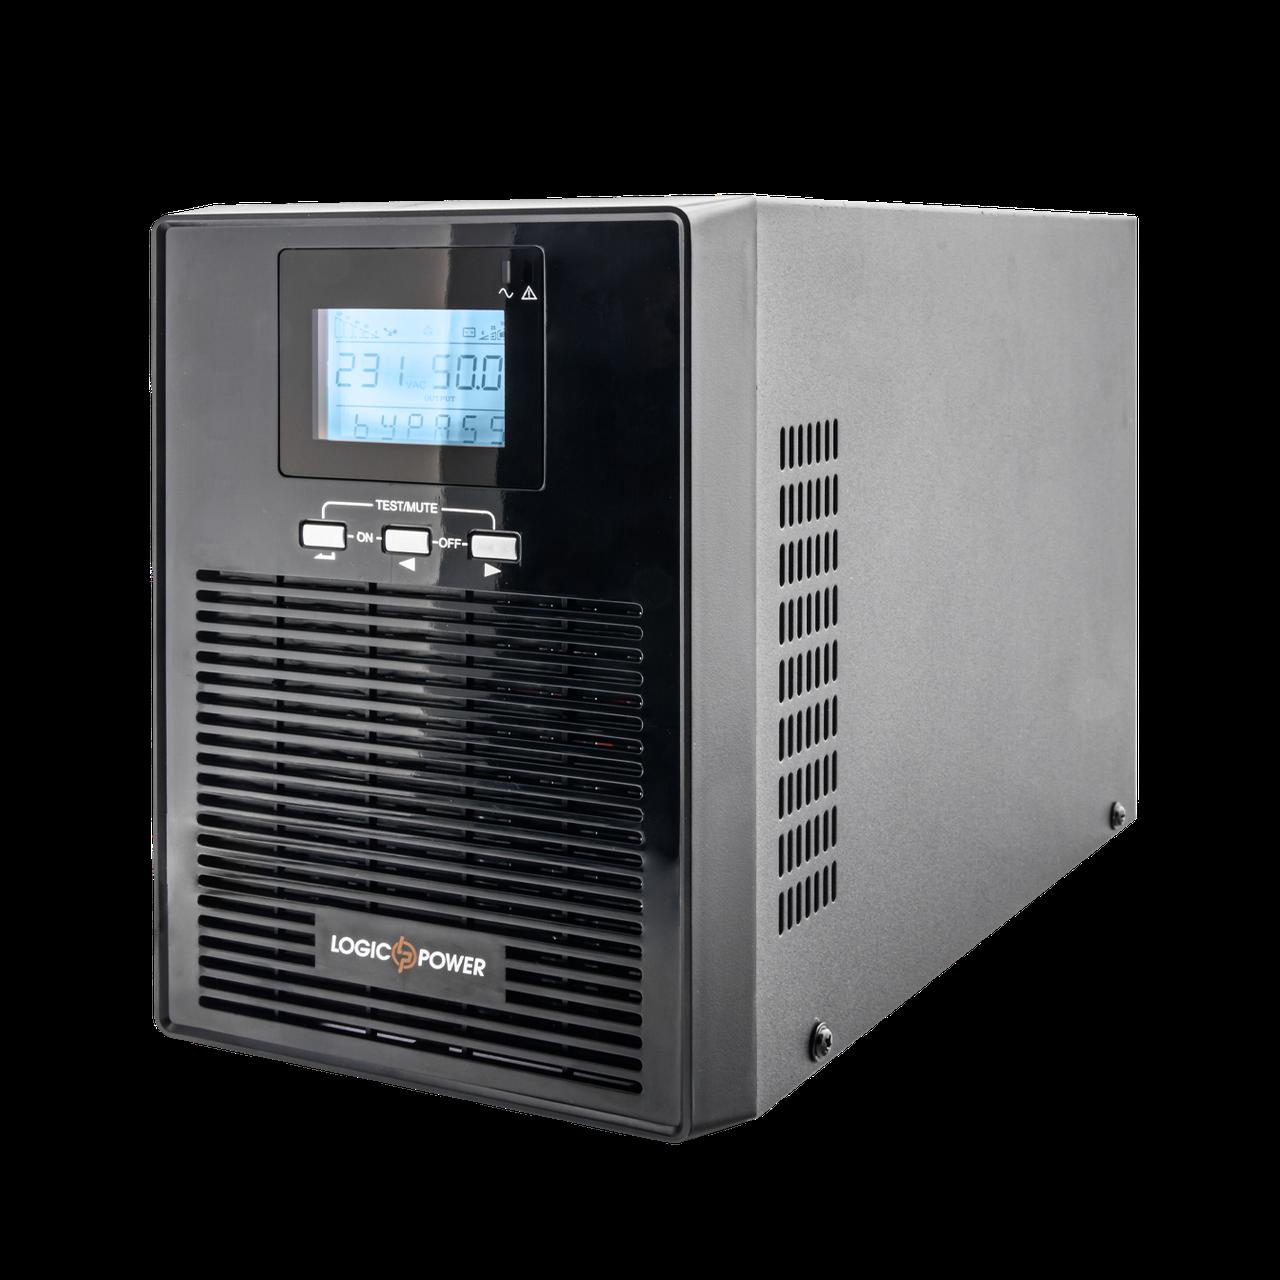 ИБП (UPS) Smart-UPS LogicPower-1000 PRO с комплектом батарей